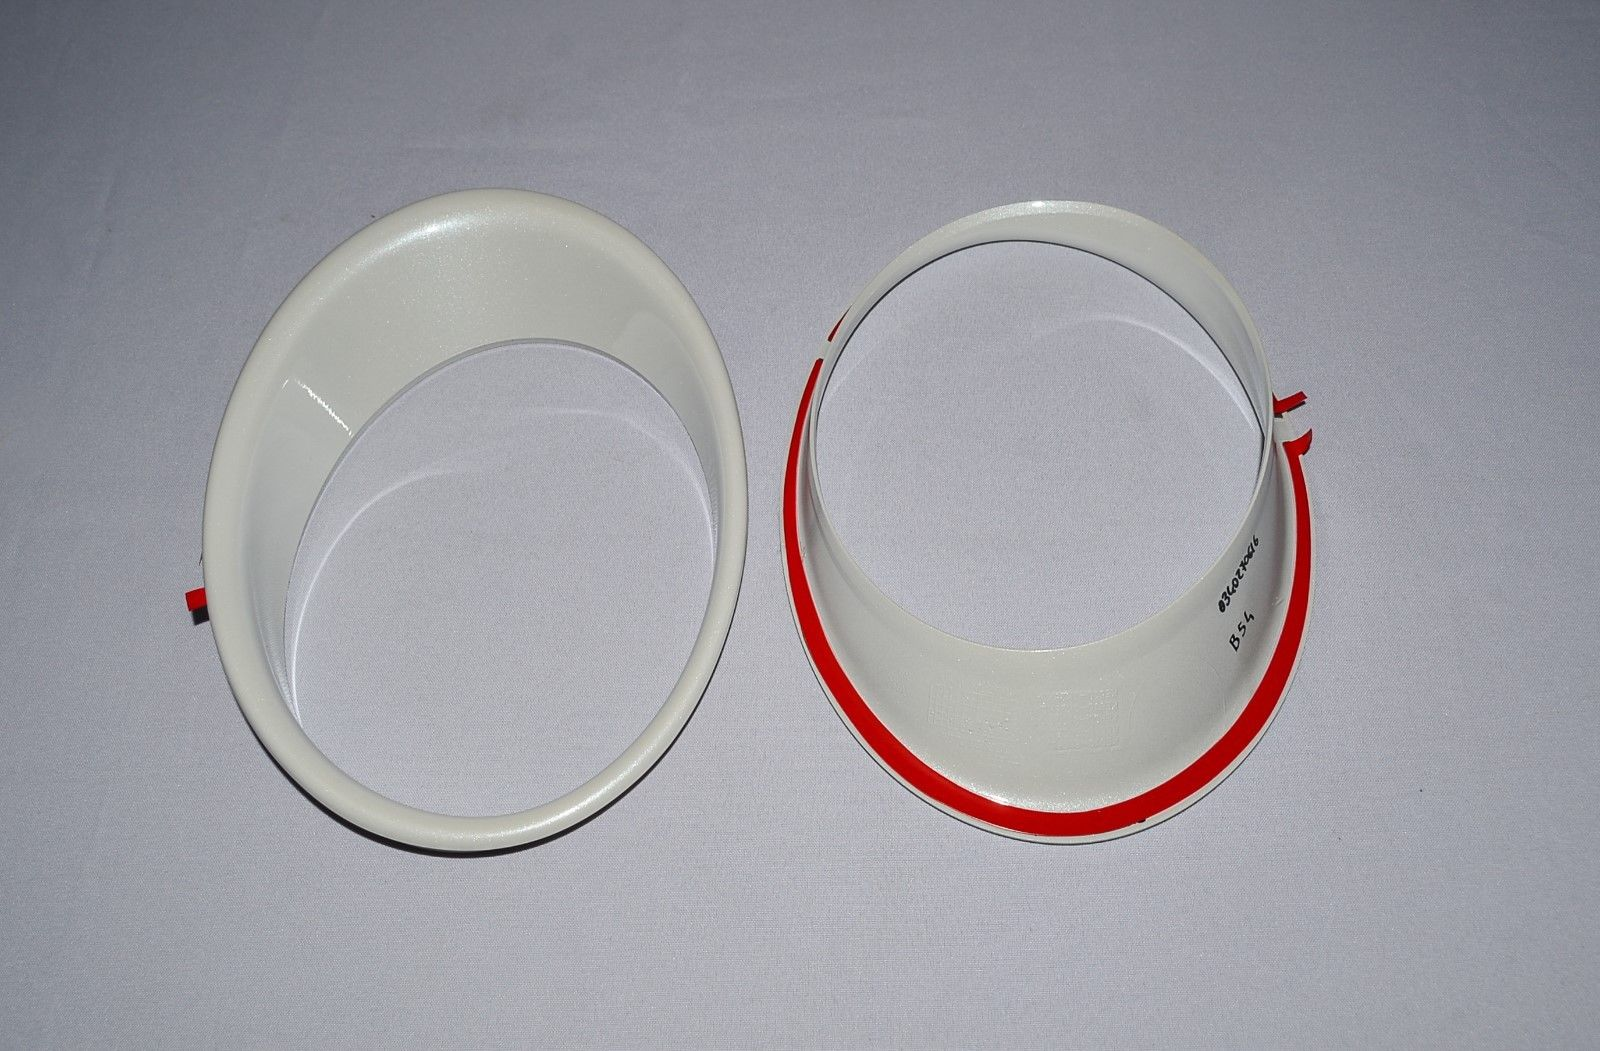 NEW GENUINE OEM NISSAN COLOR STUDIO WHITE HEADLIGHT TRIM RINGS KE610-BV260WP QAB